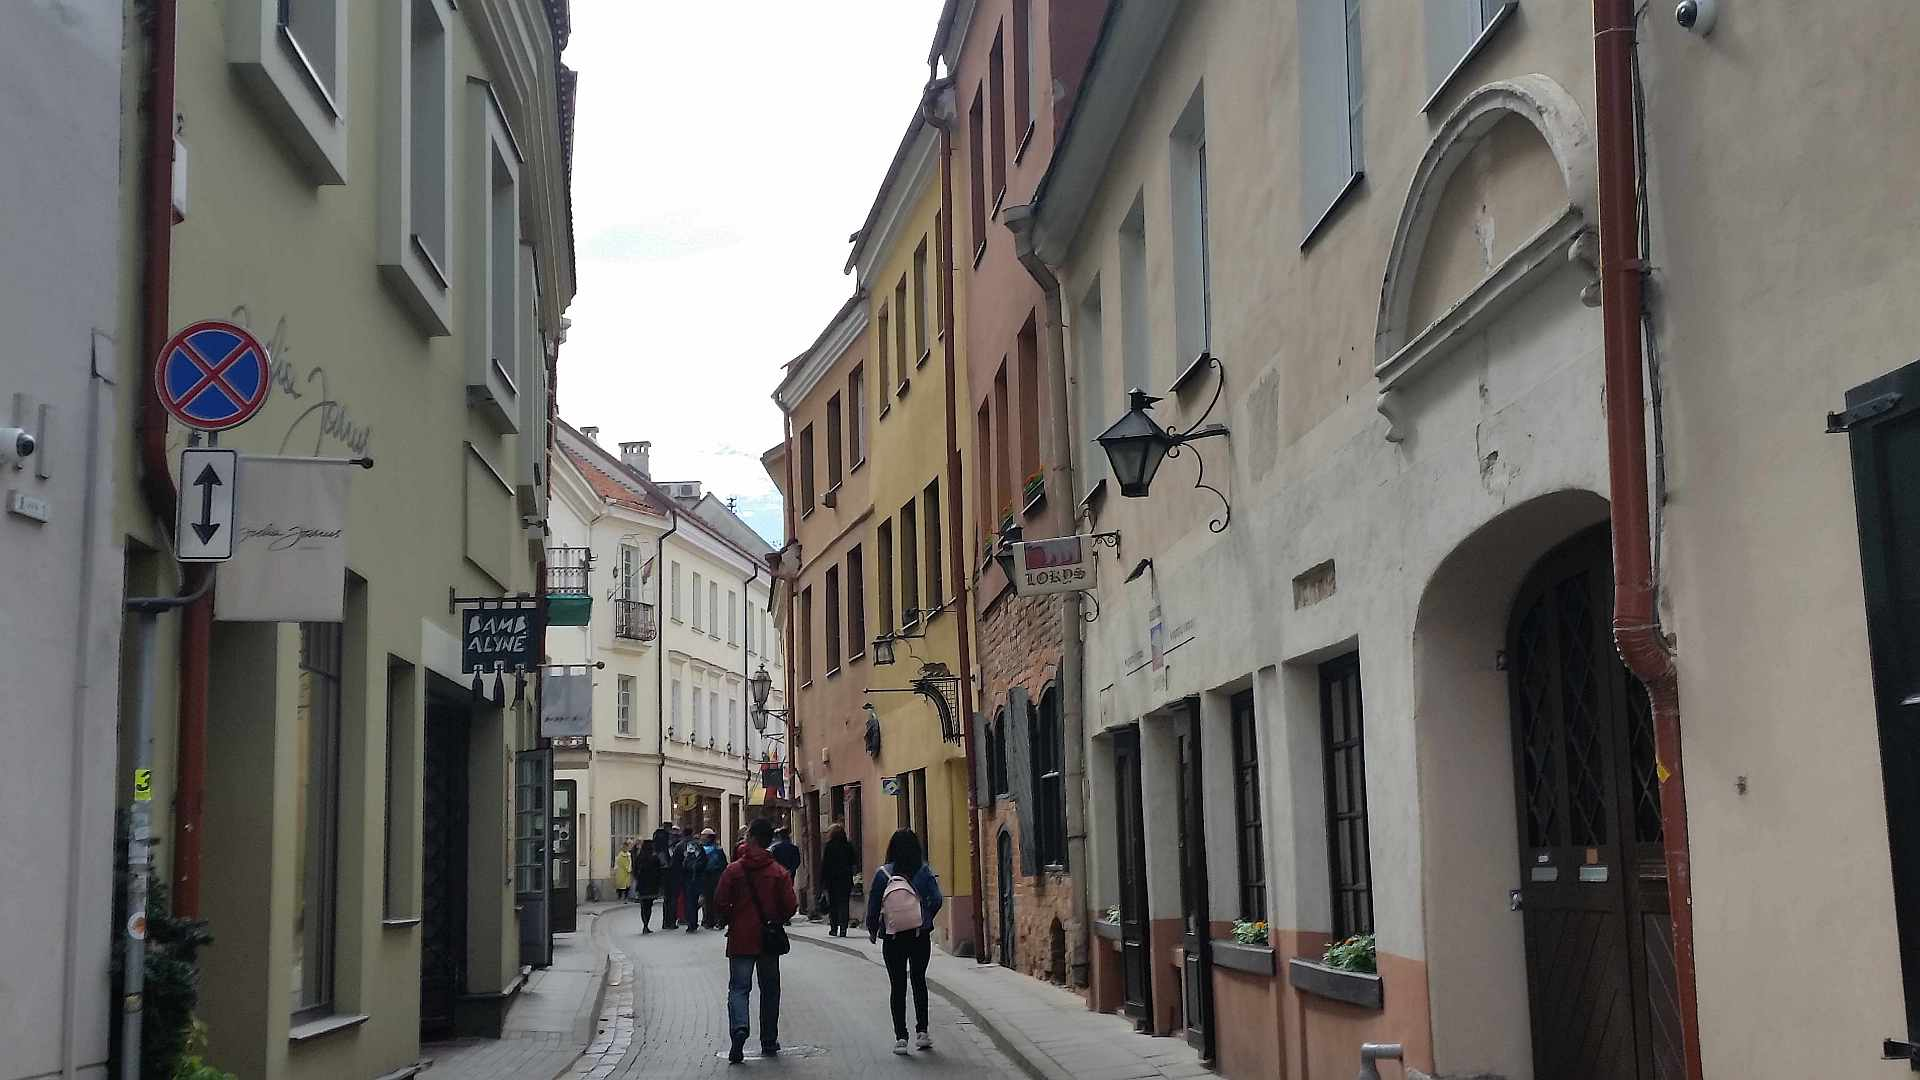 Old town Vilnius - trivo.ro